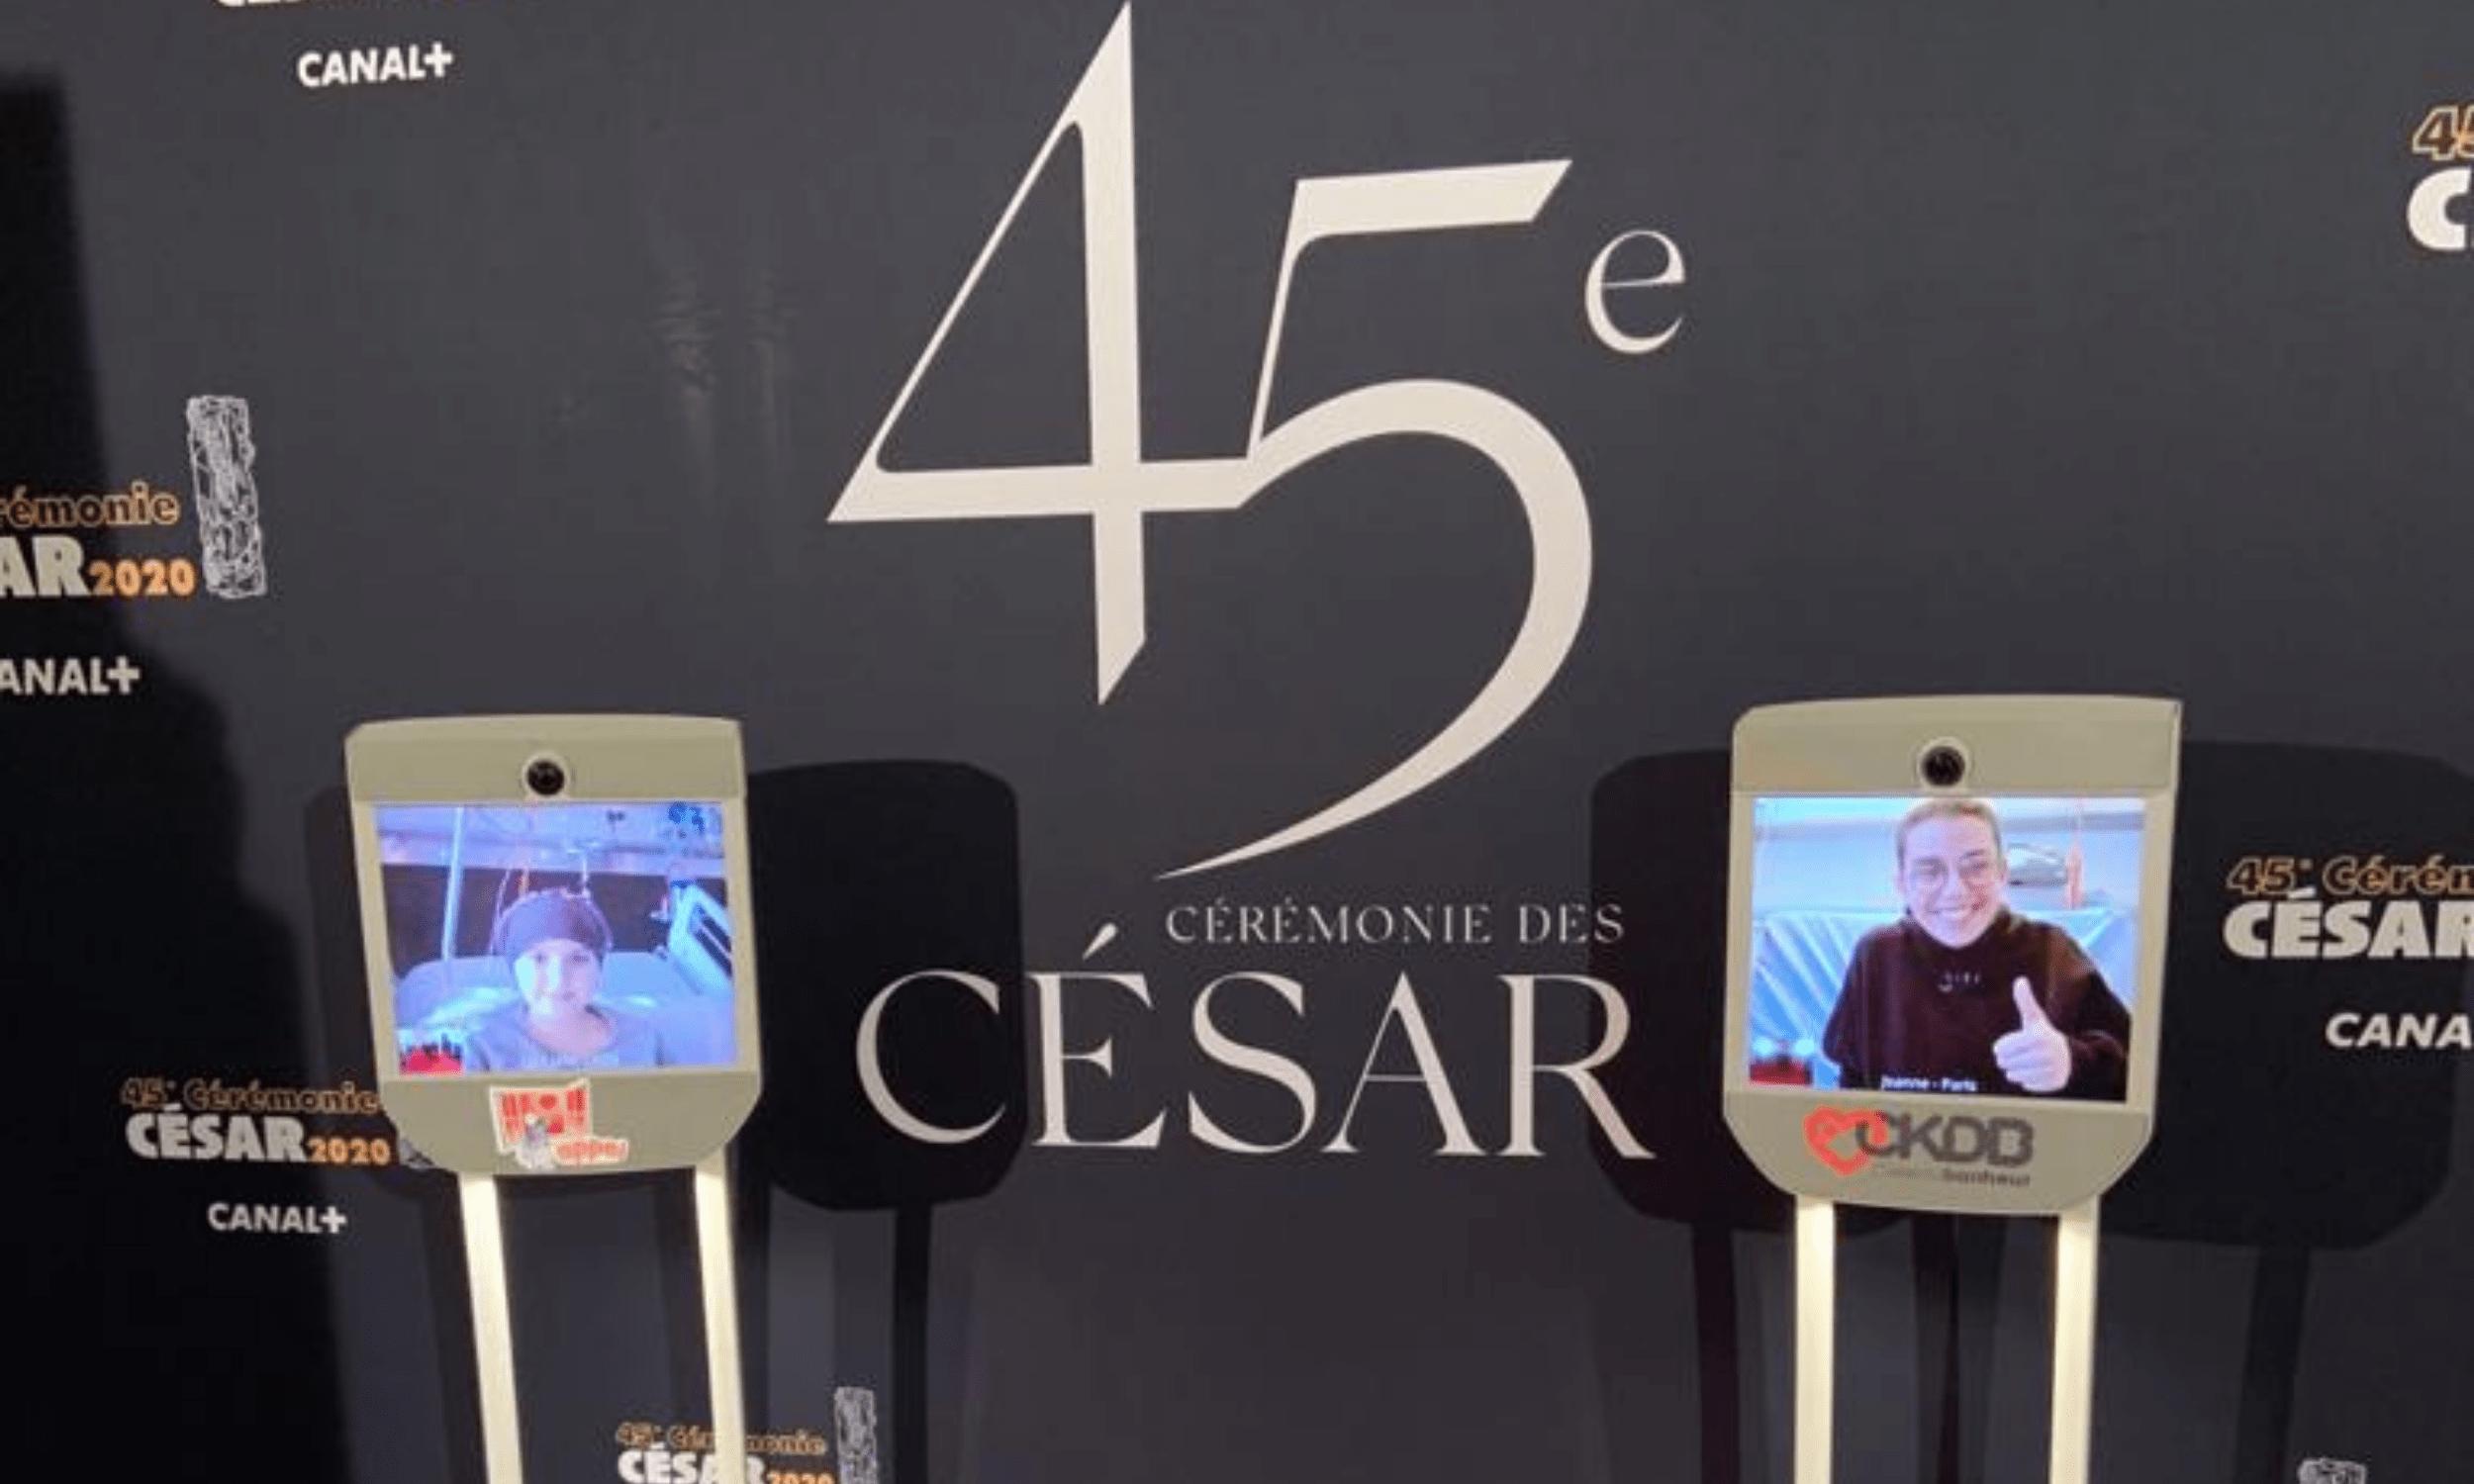 Cesar 2020 avec les associations APPEL et CeKeDuBonheur